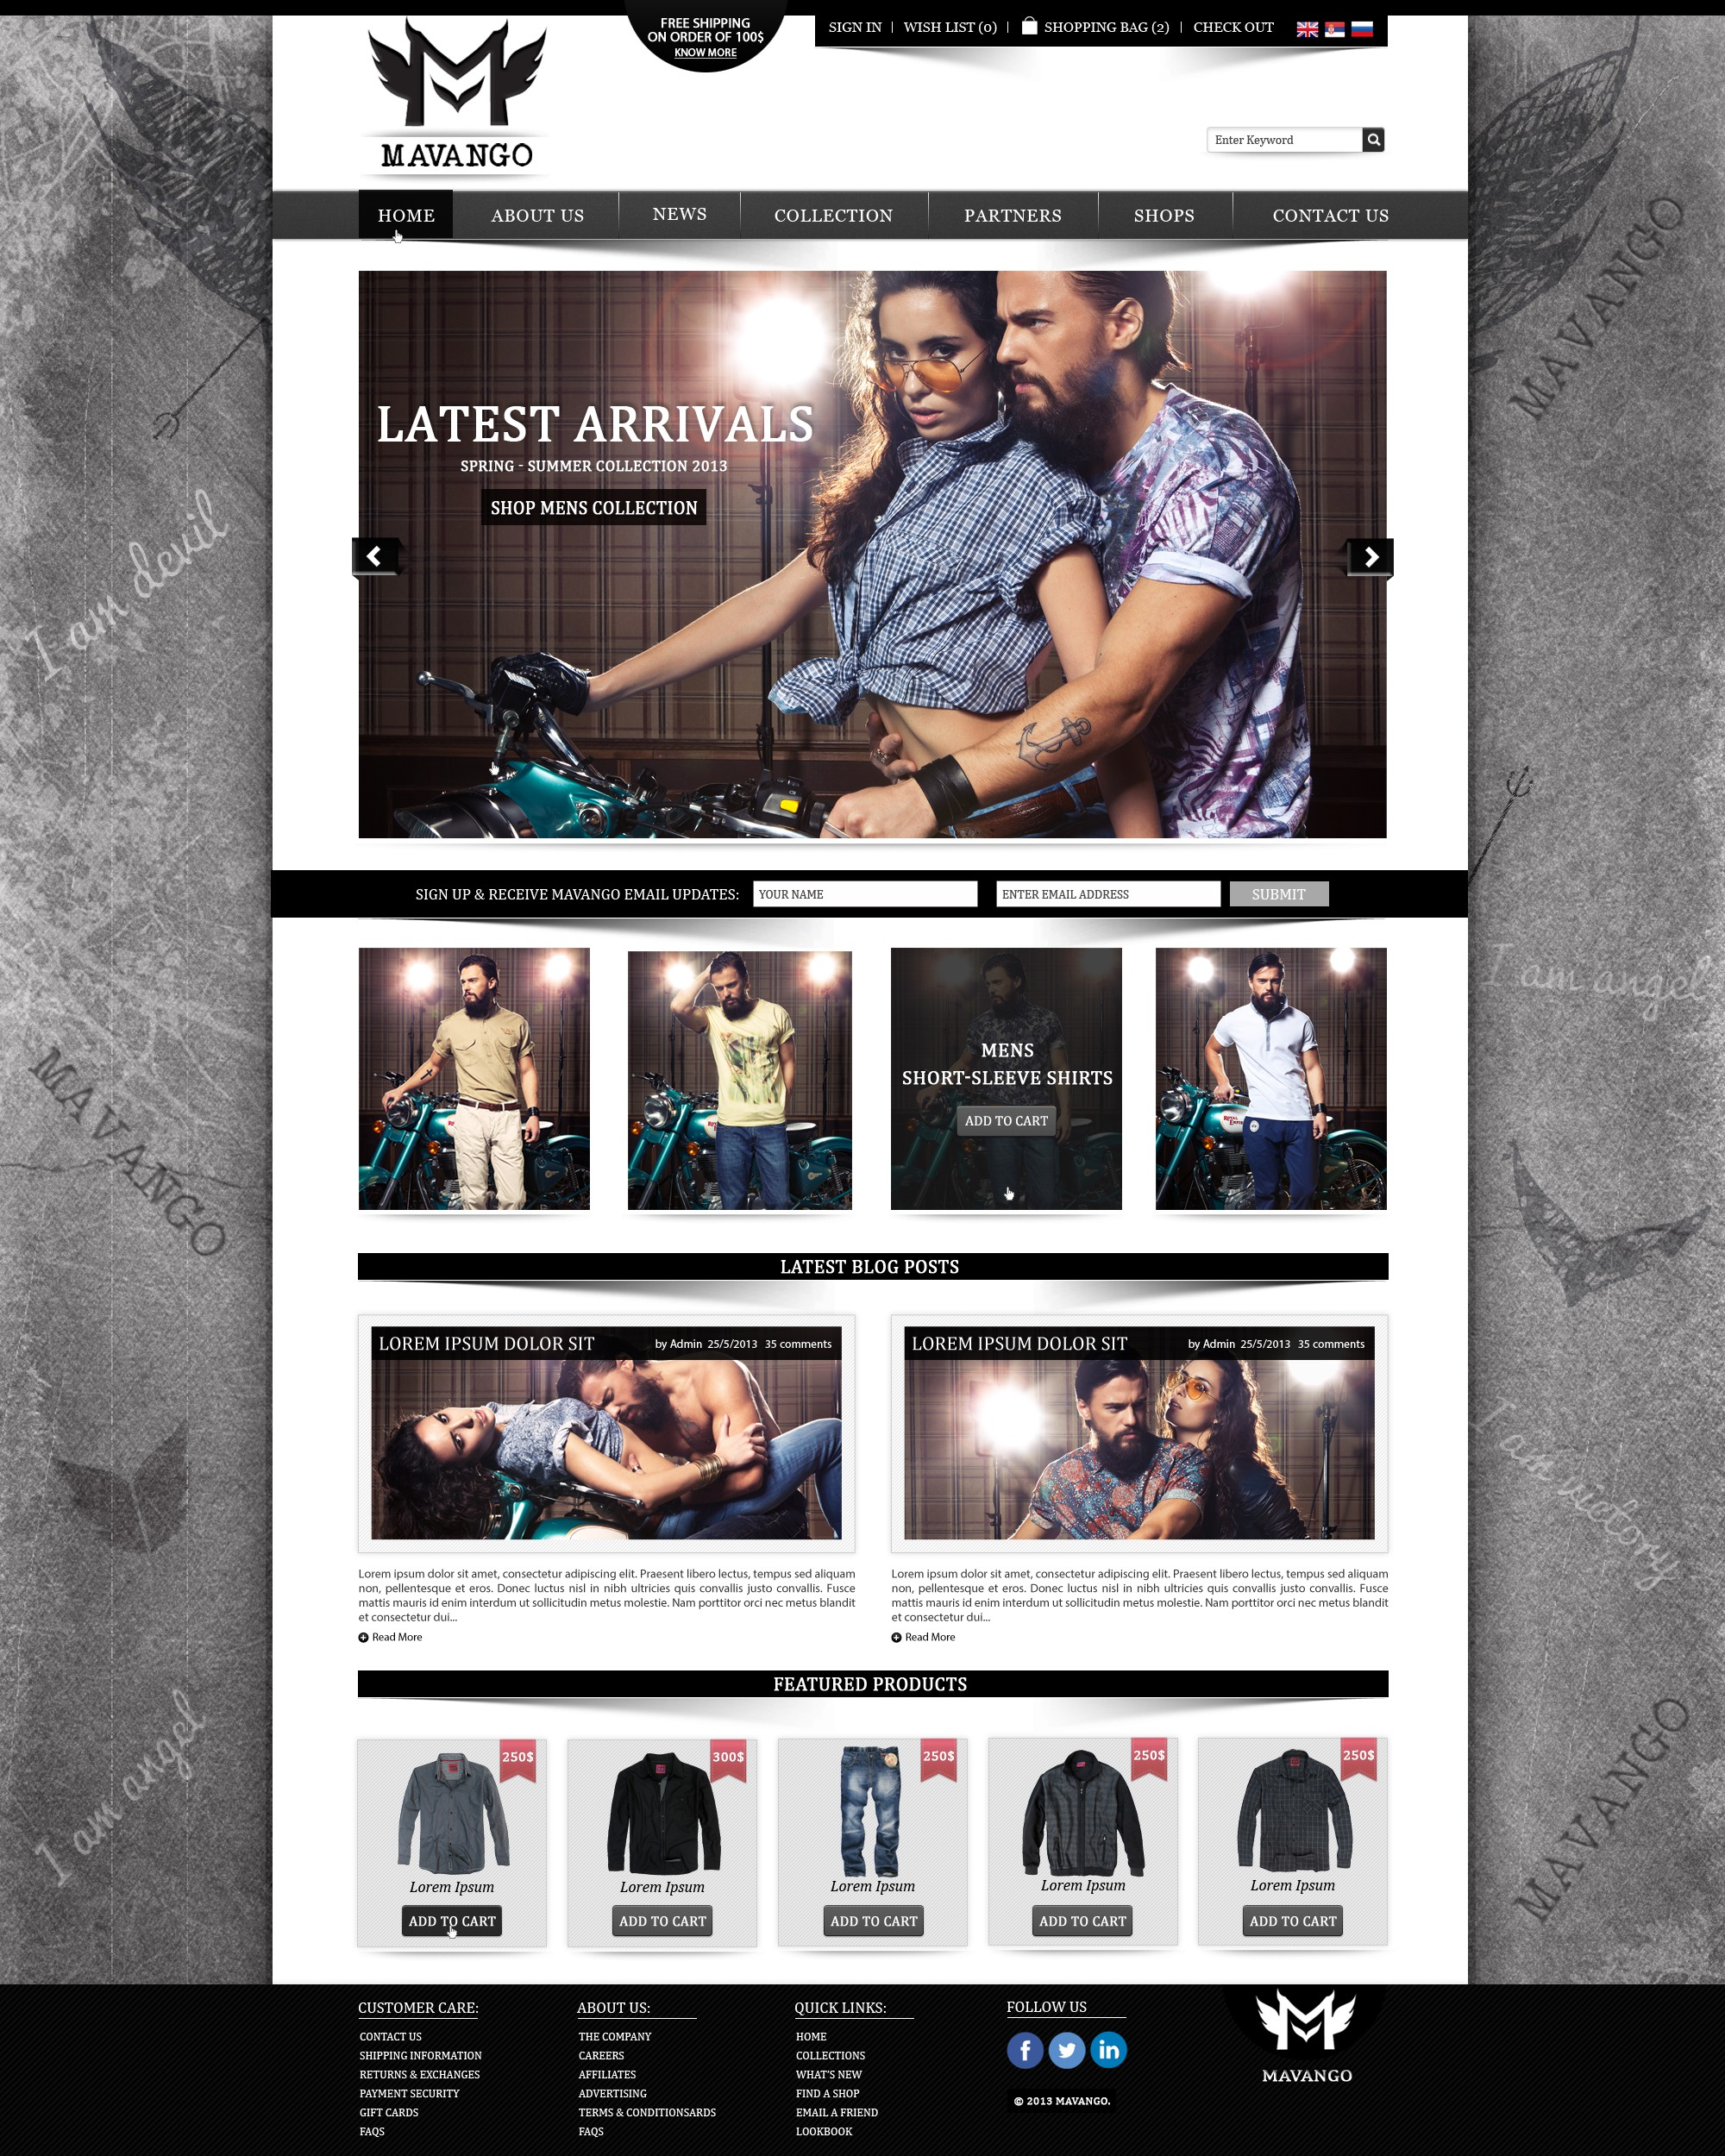 Create the next website design for www.mavango.com